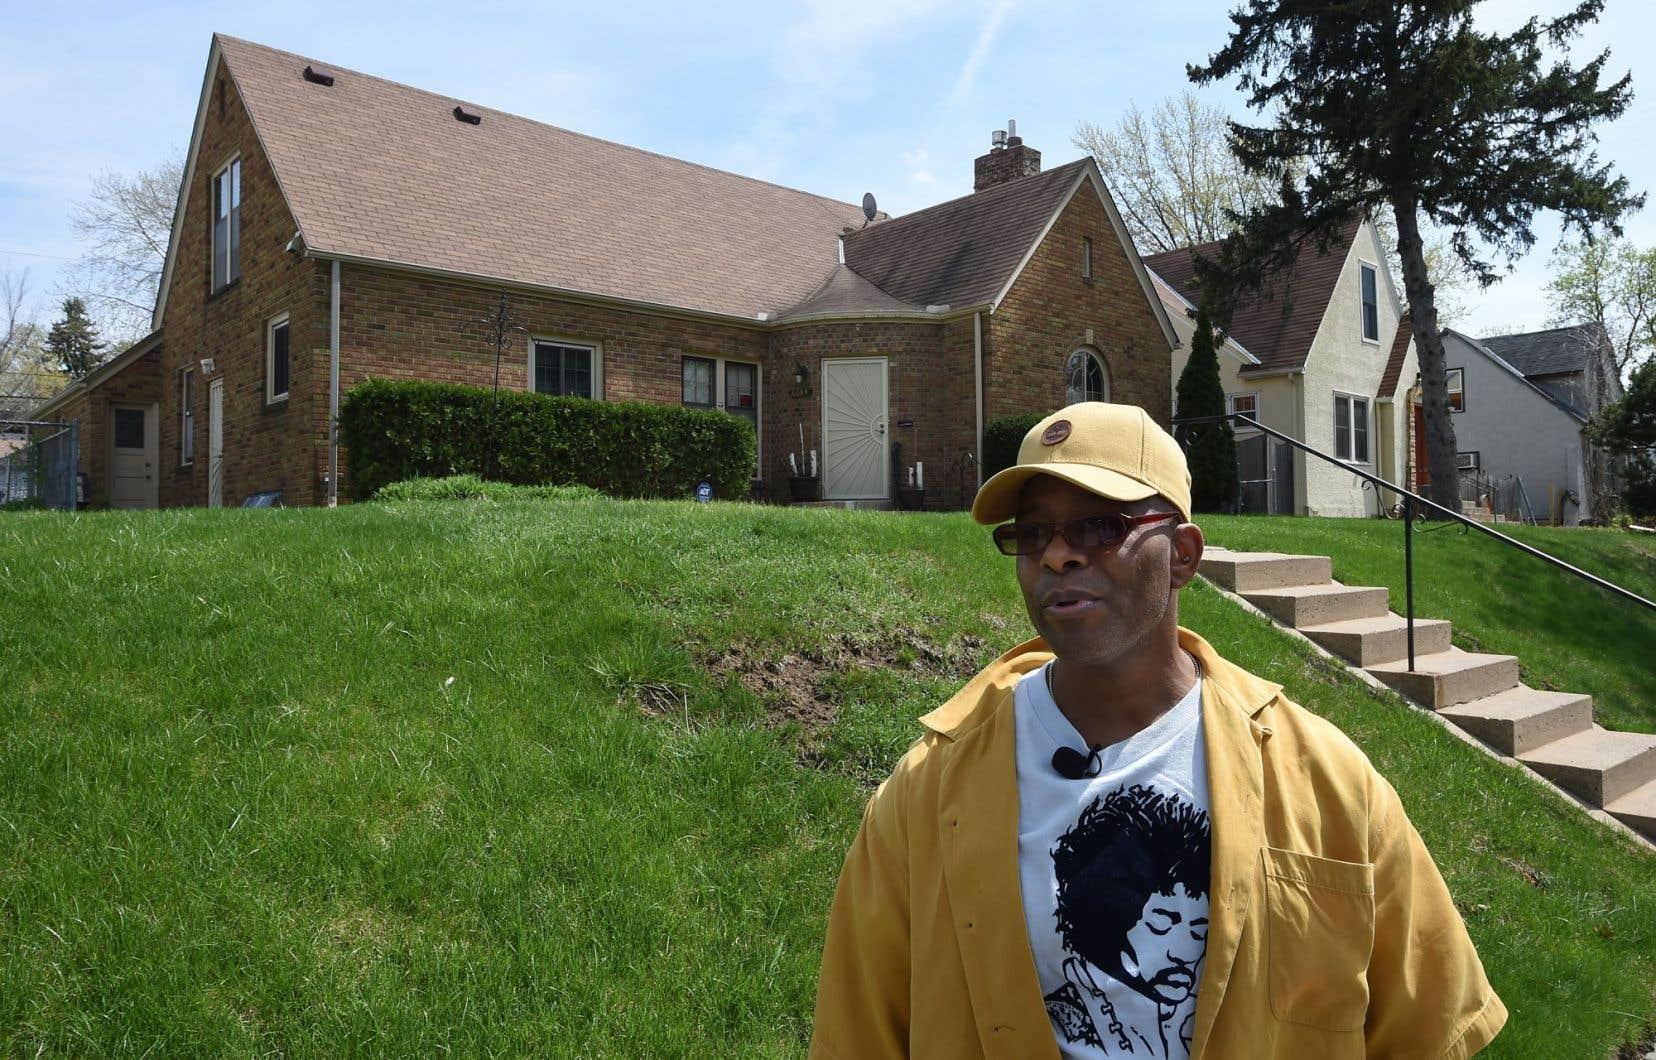 Dean Spencer, ami d'enfance de Prince, devant l'une des maisons que le chanteur a habitées pendant son enfance à Minneapolis.